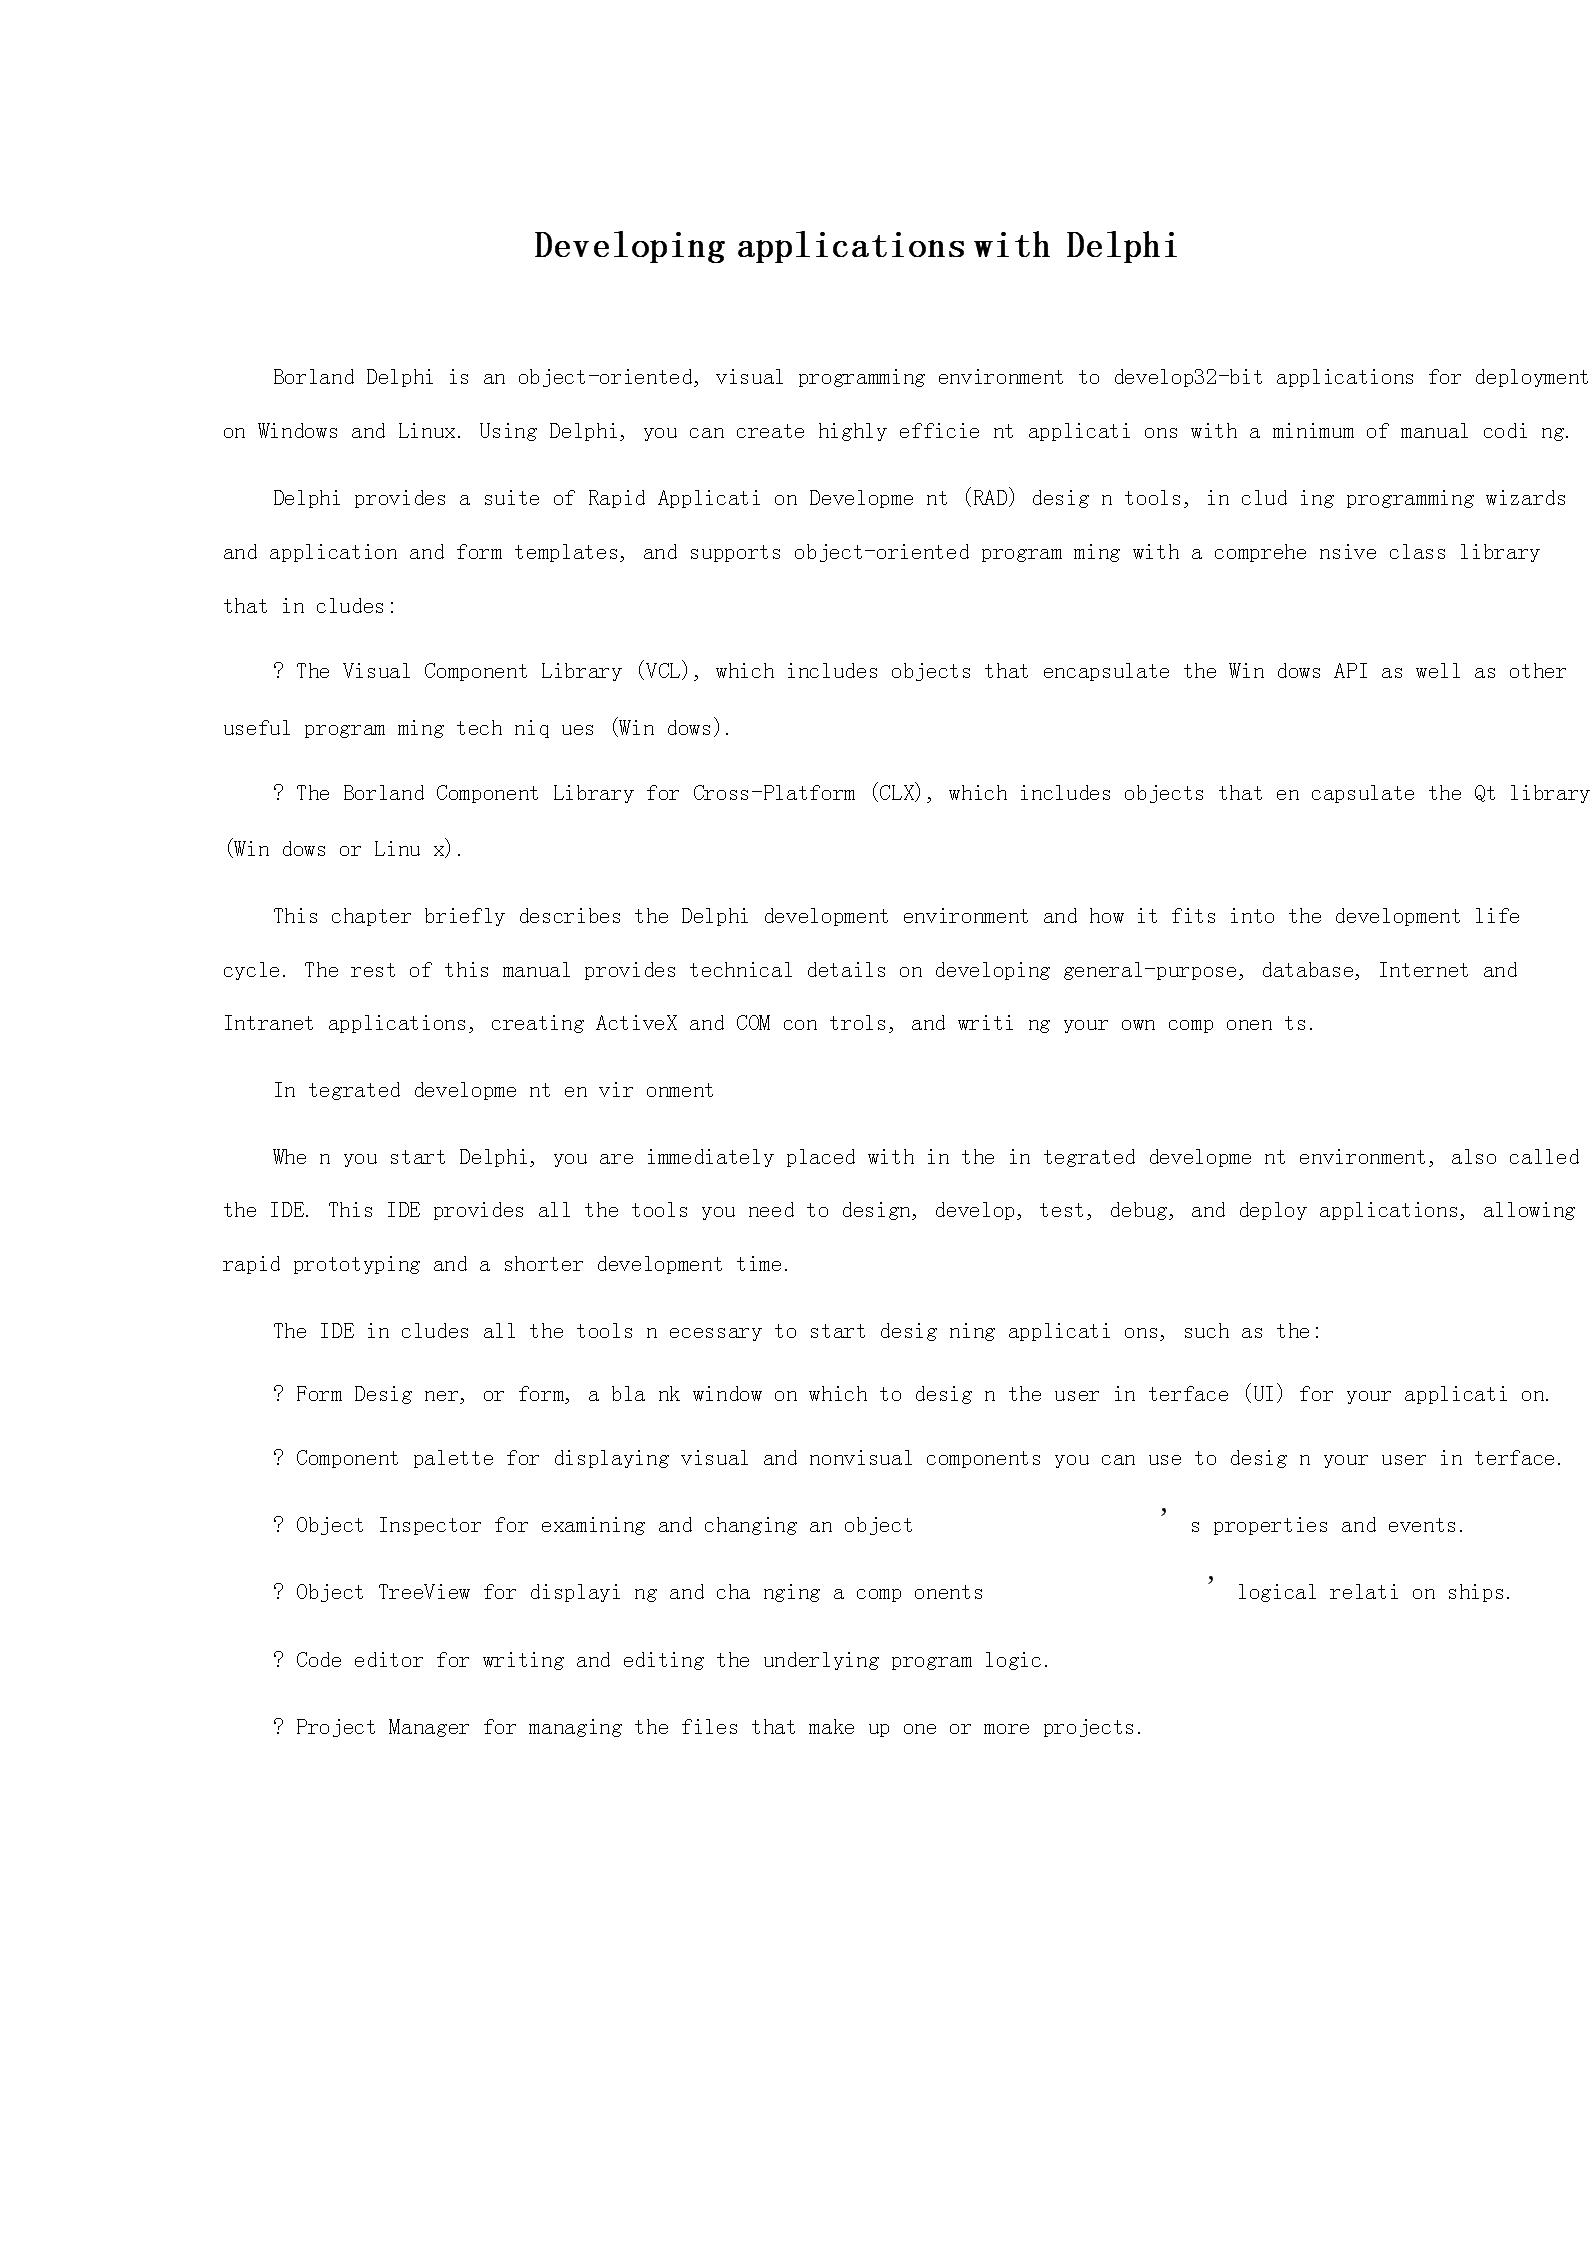 发展中的软件delphi中英文文献.docx